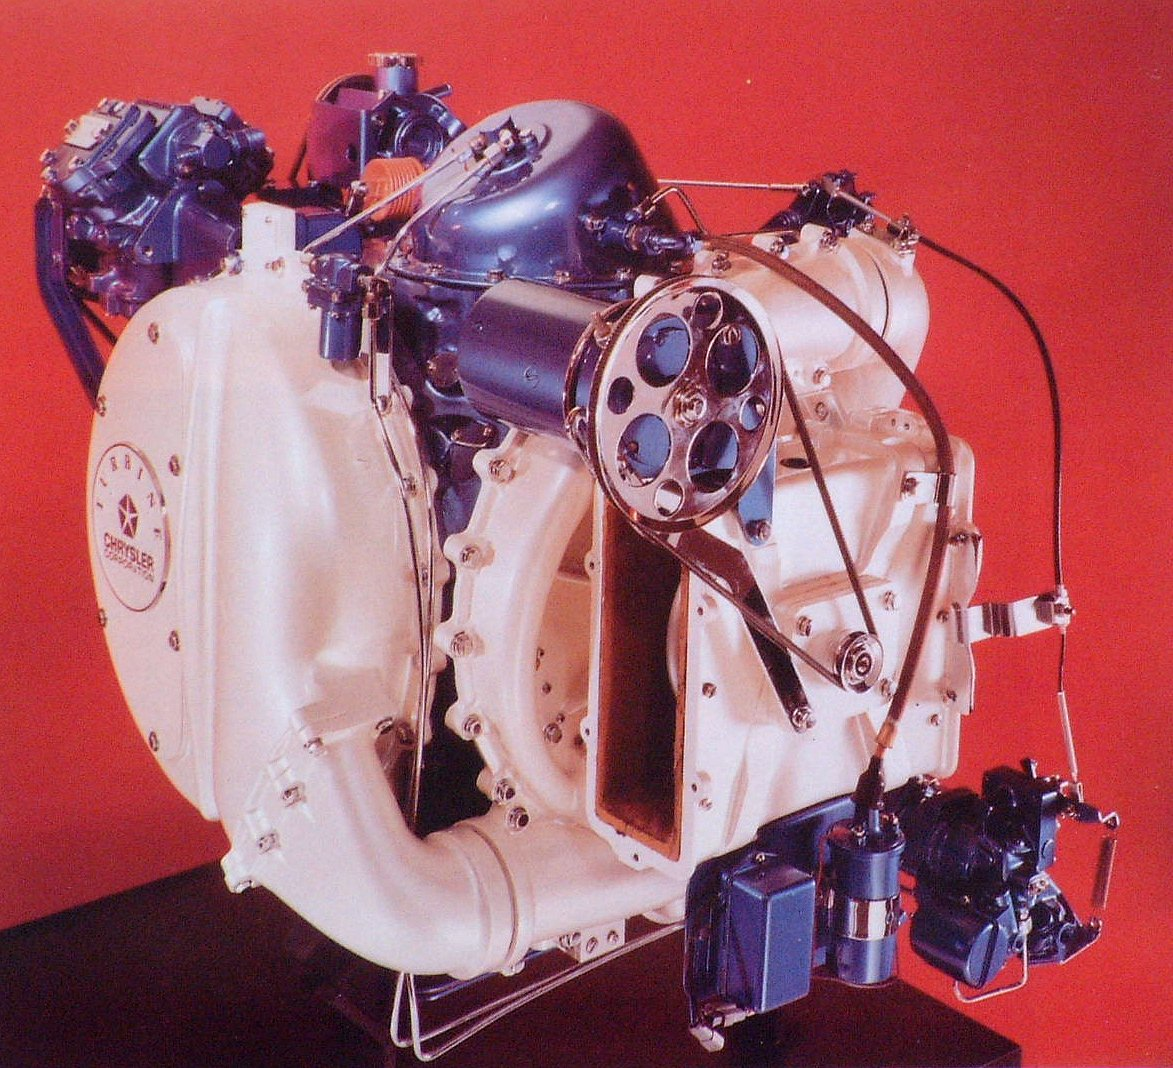 Slik så den ut, gassturbinmotoren som ble plassert under panseret på Chrysler turbinbil.